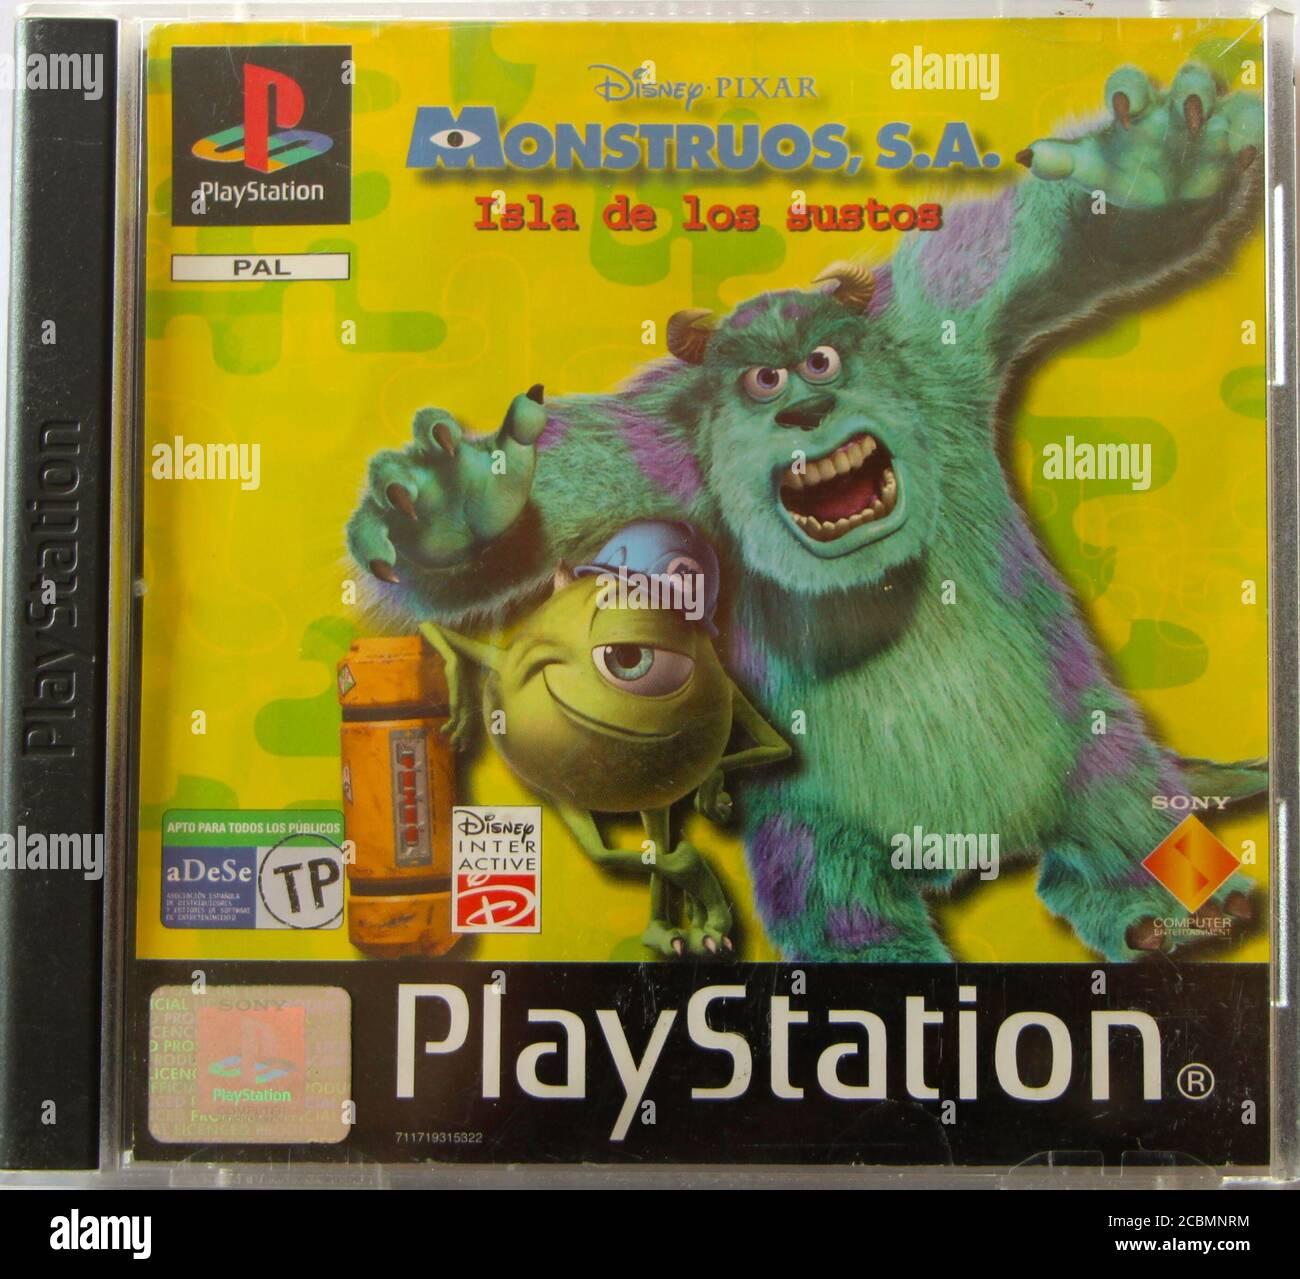 Caja y portada de CD original de PlayStation 1 para Monsters Inc Juego Versión española Isla de las sustos o Isla de asusta Foto de stock